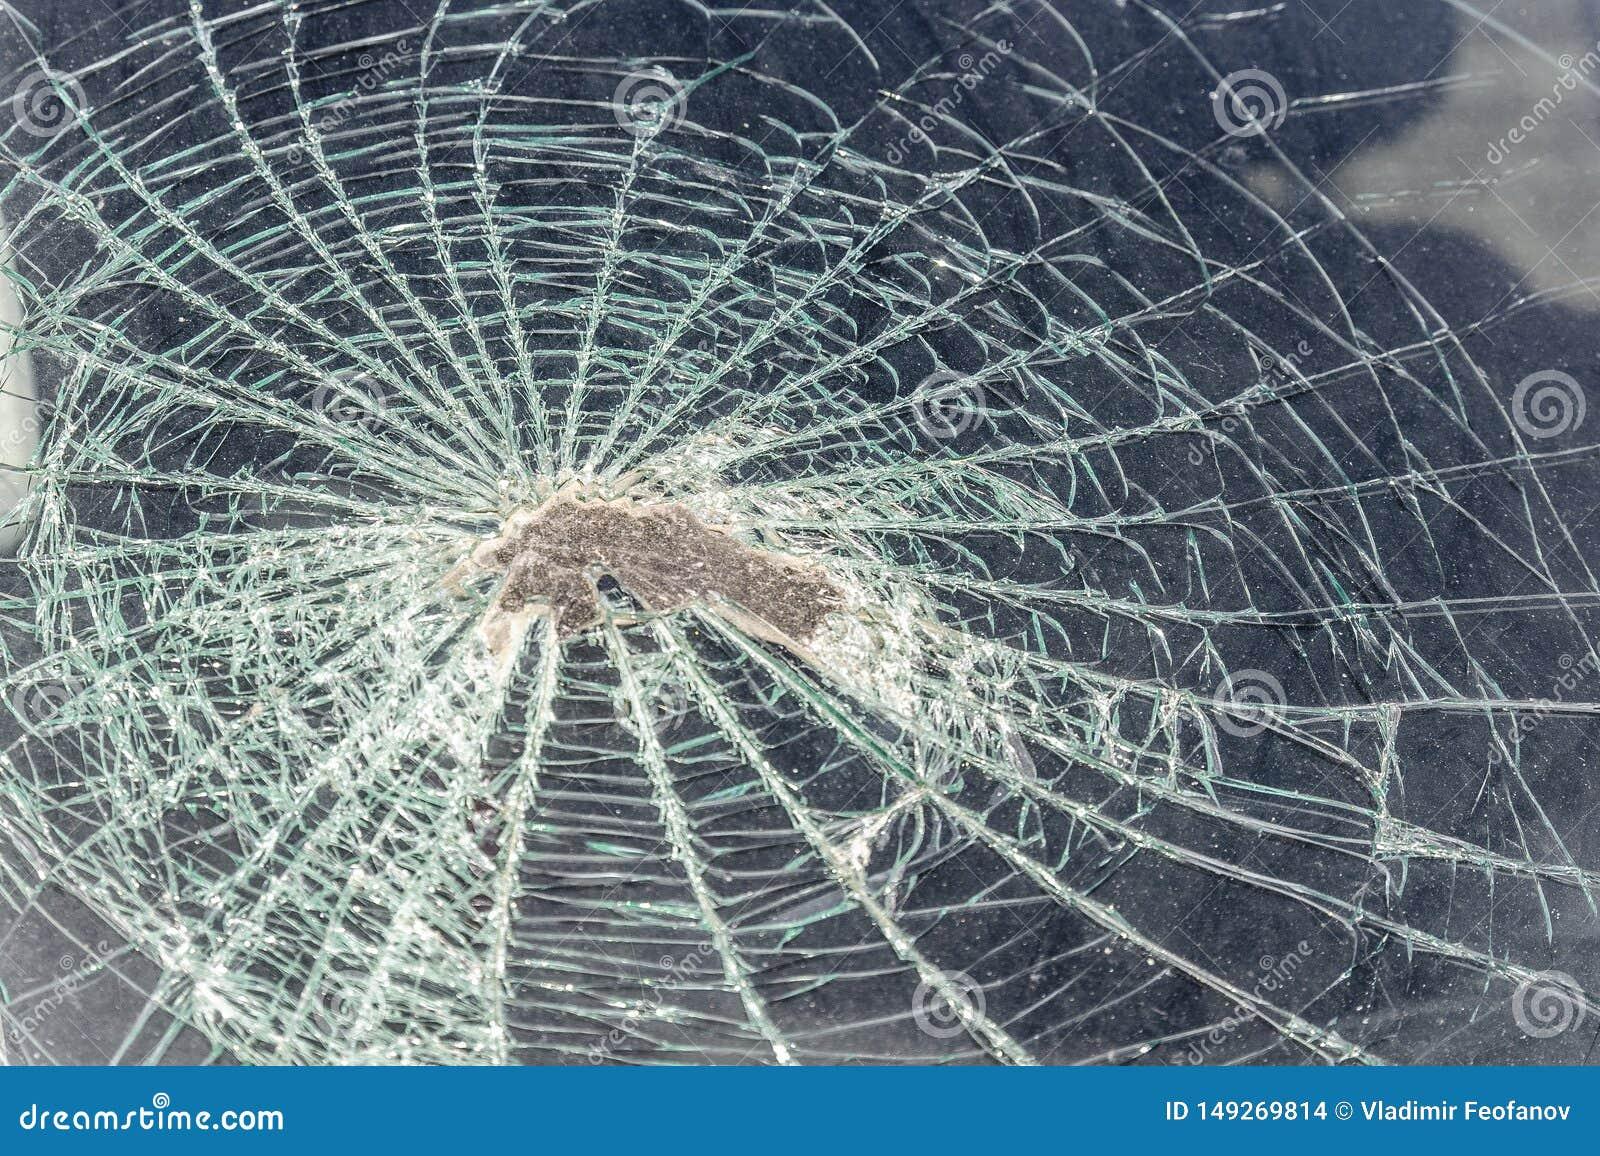 Rastro en el parabrisas de la cabeza del pasajero del coche en un accidente o una colisión con un obstáculo cabeza de cristal que